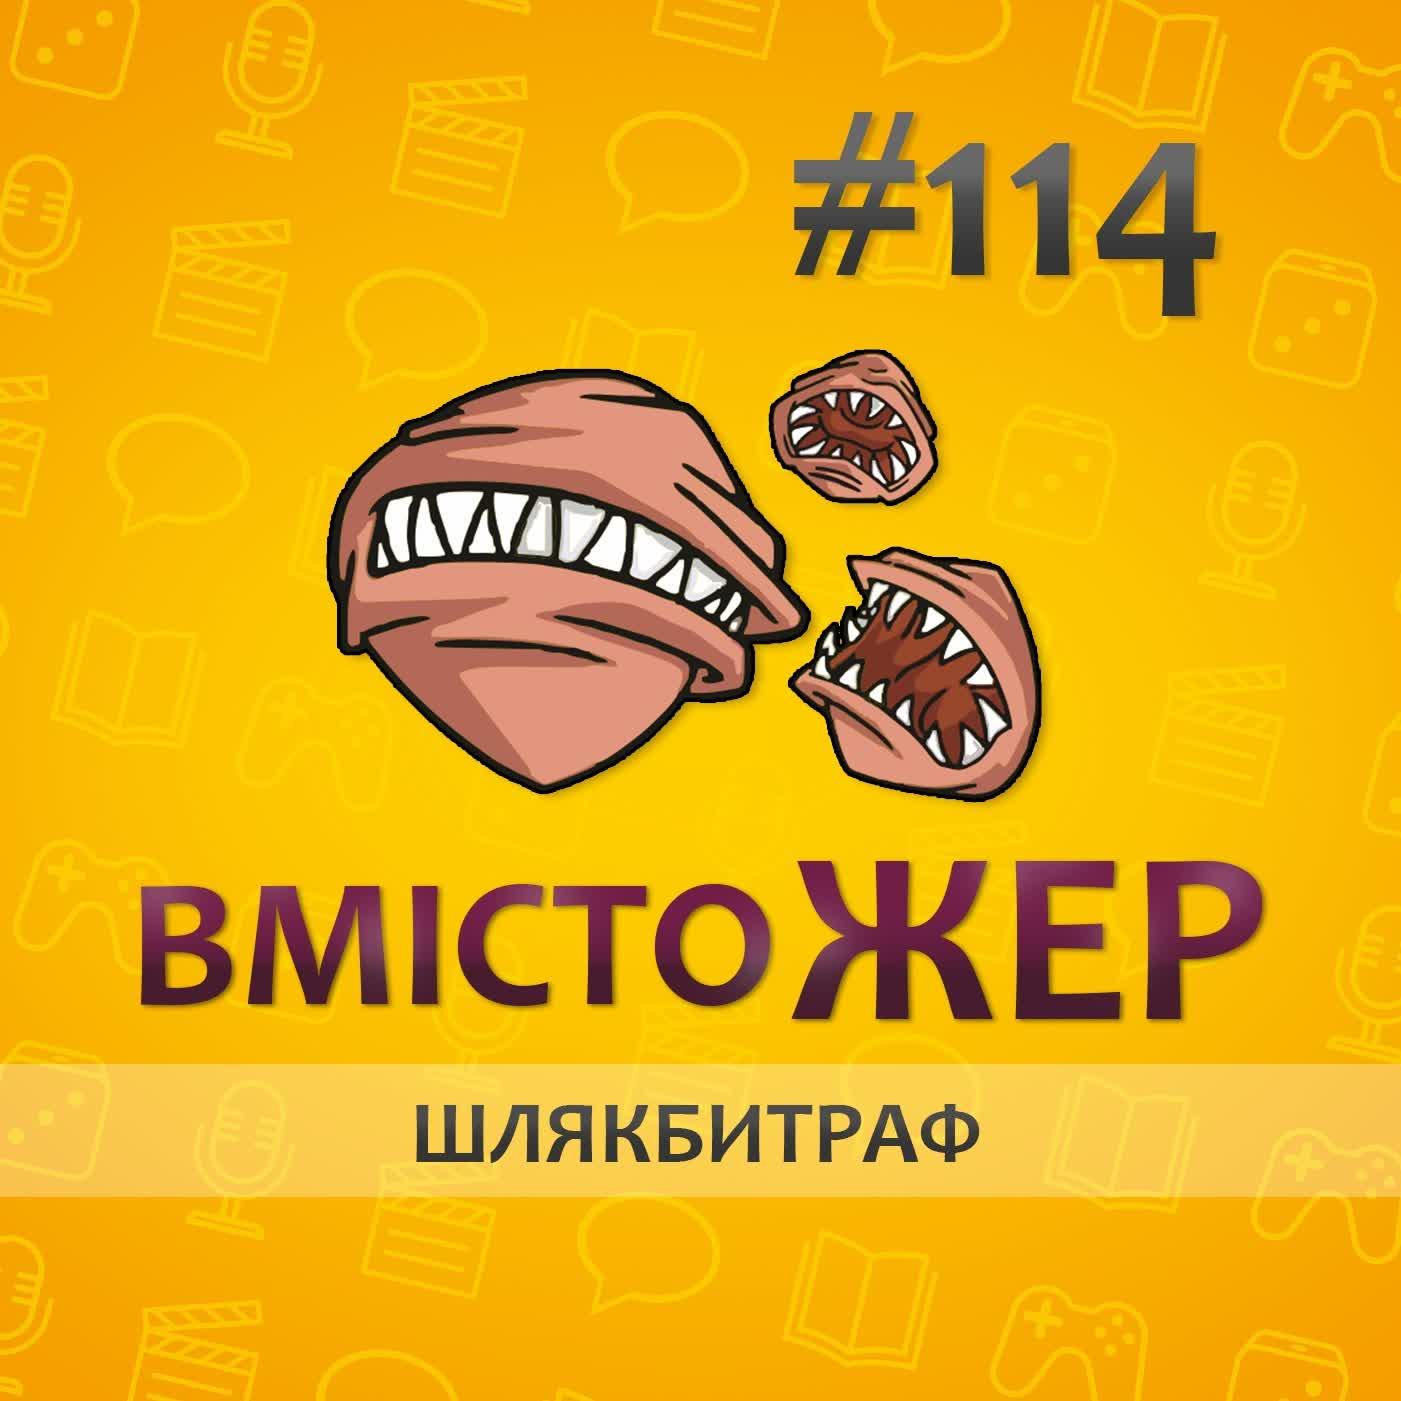 Вмістожер 114 — ШЛЯКБИТРАФ